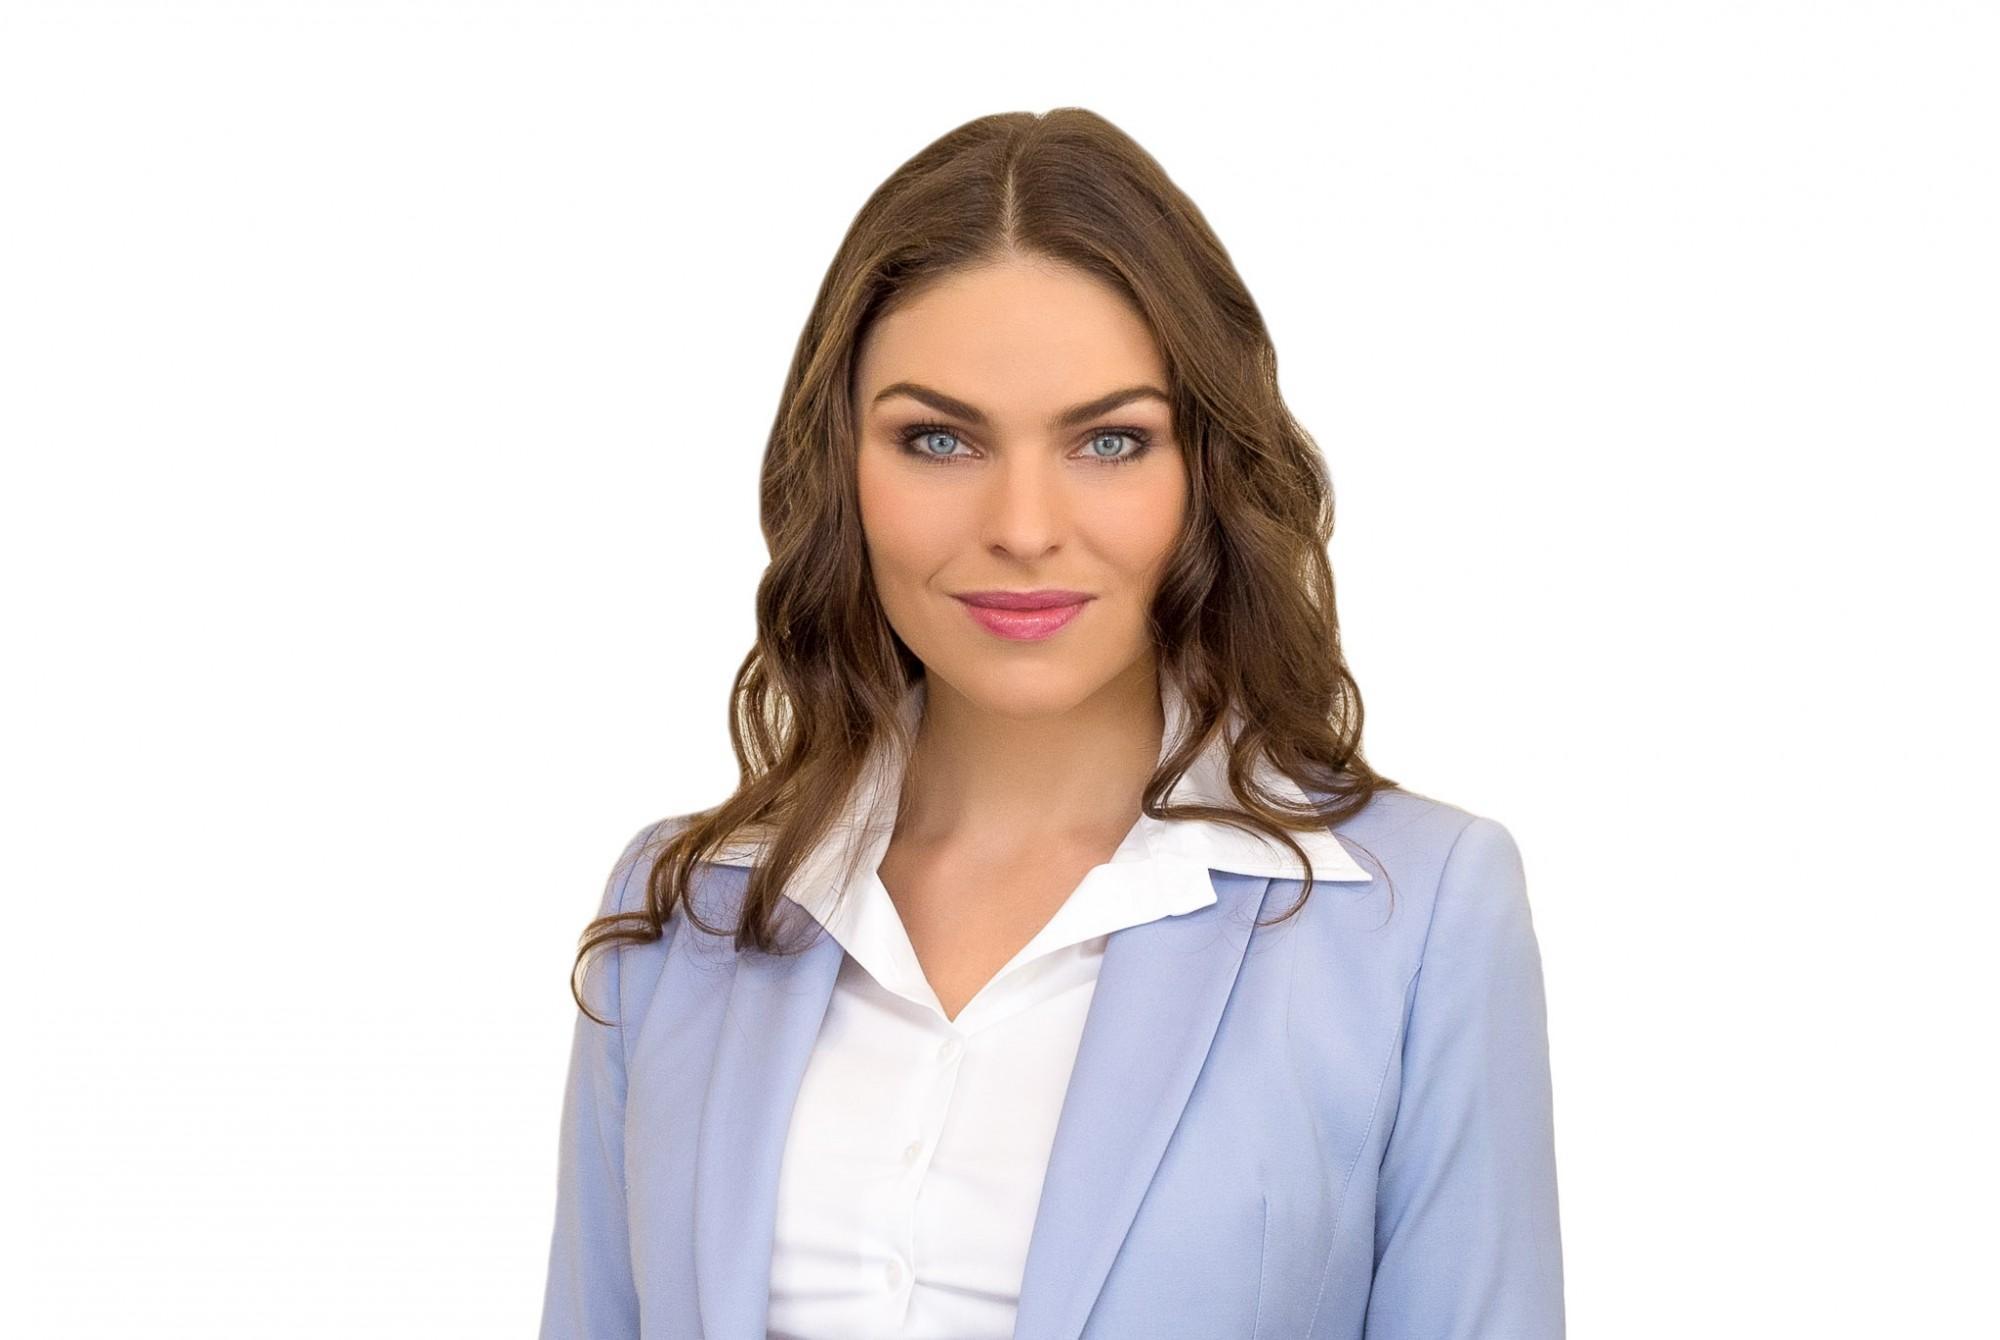 Alessia Sheglova